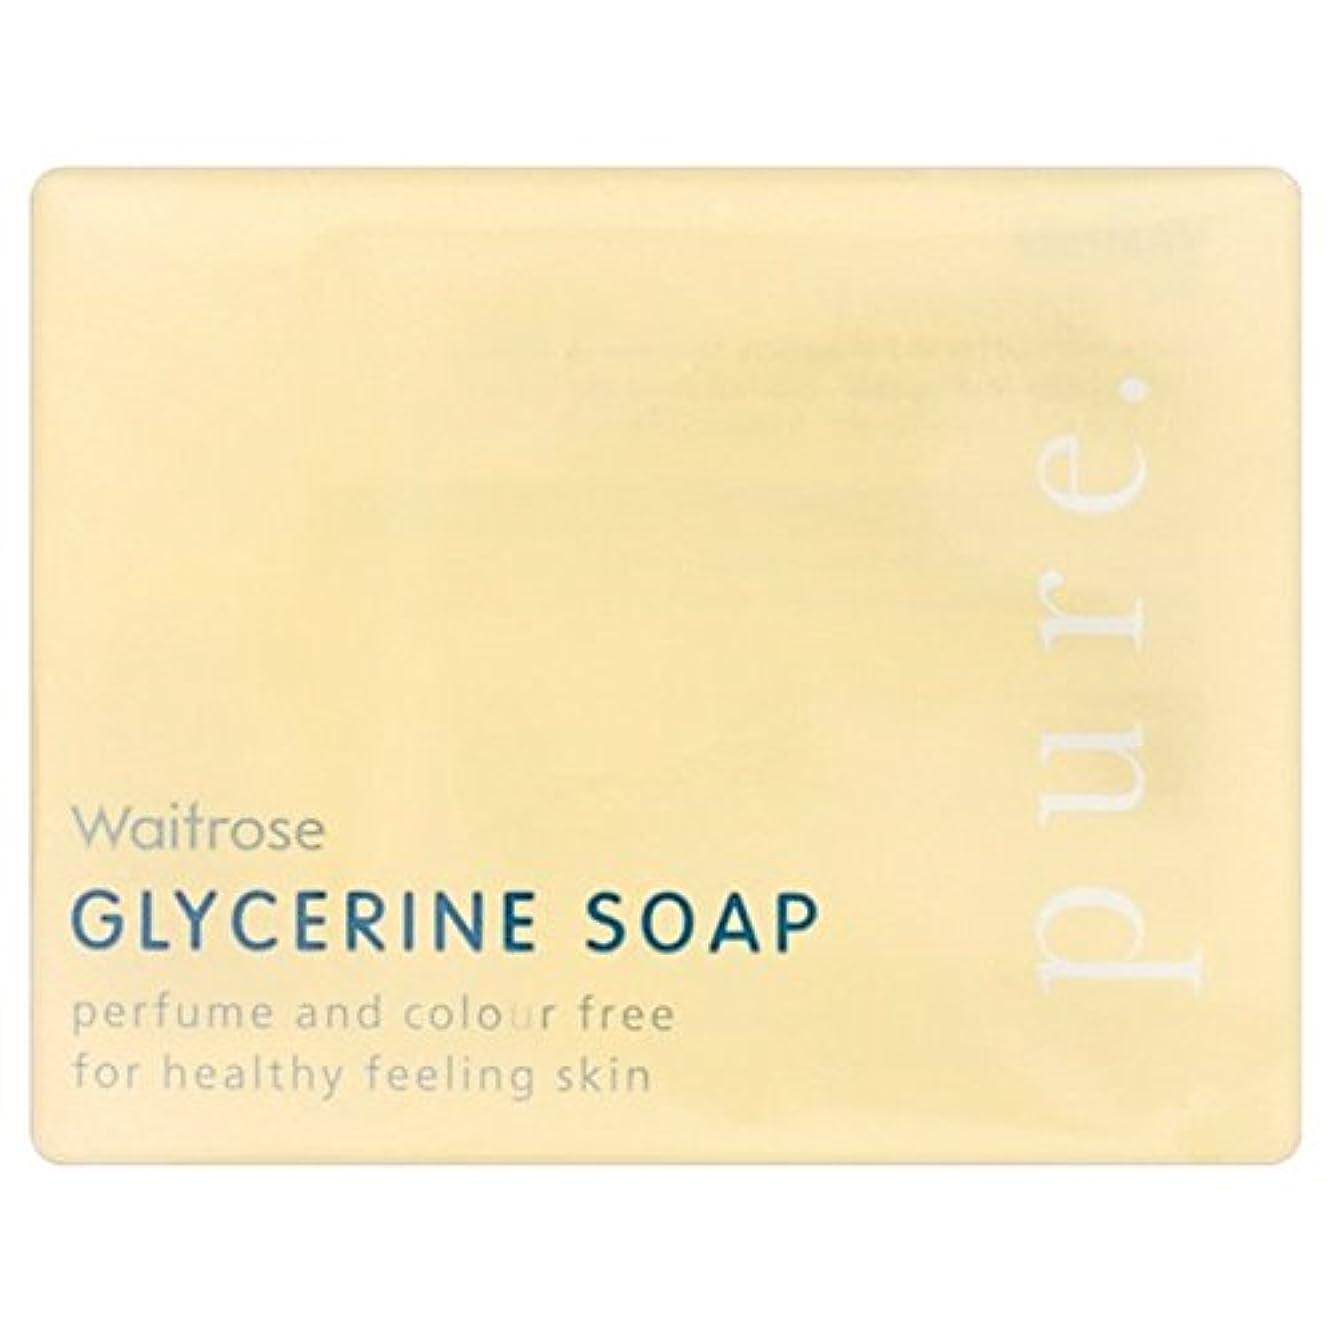 転用エロチック有能な純粋なグリセリンソープウェイトローズの100グラム x2 - Pure Glycerine Soap Waitrose 100g (Pack of 2) [並行輸入品]